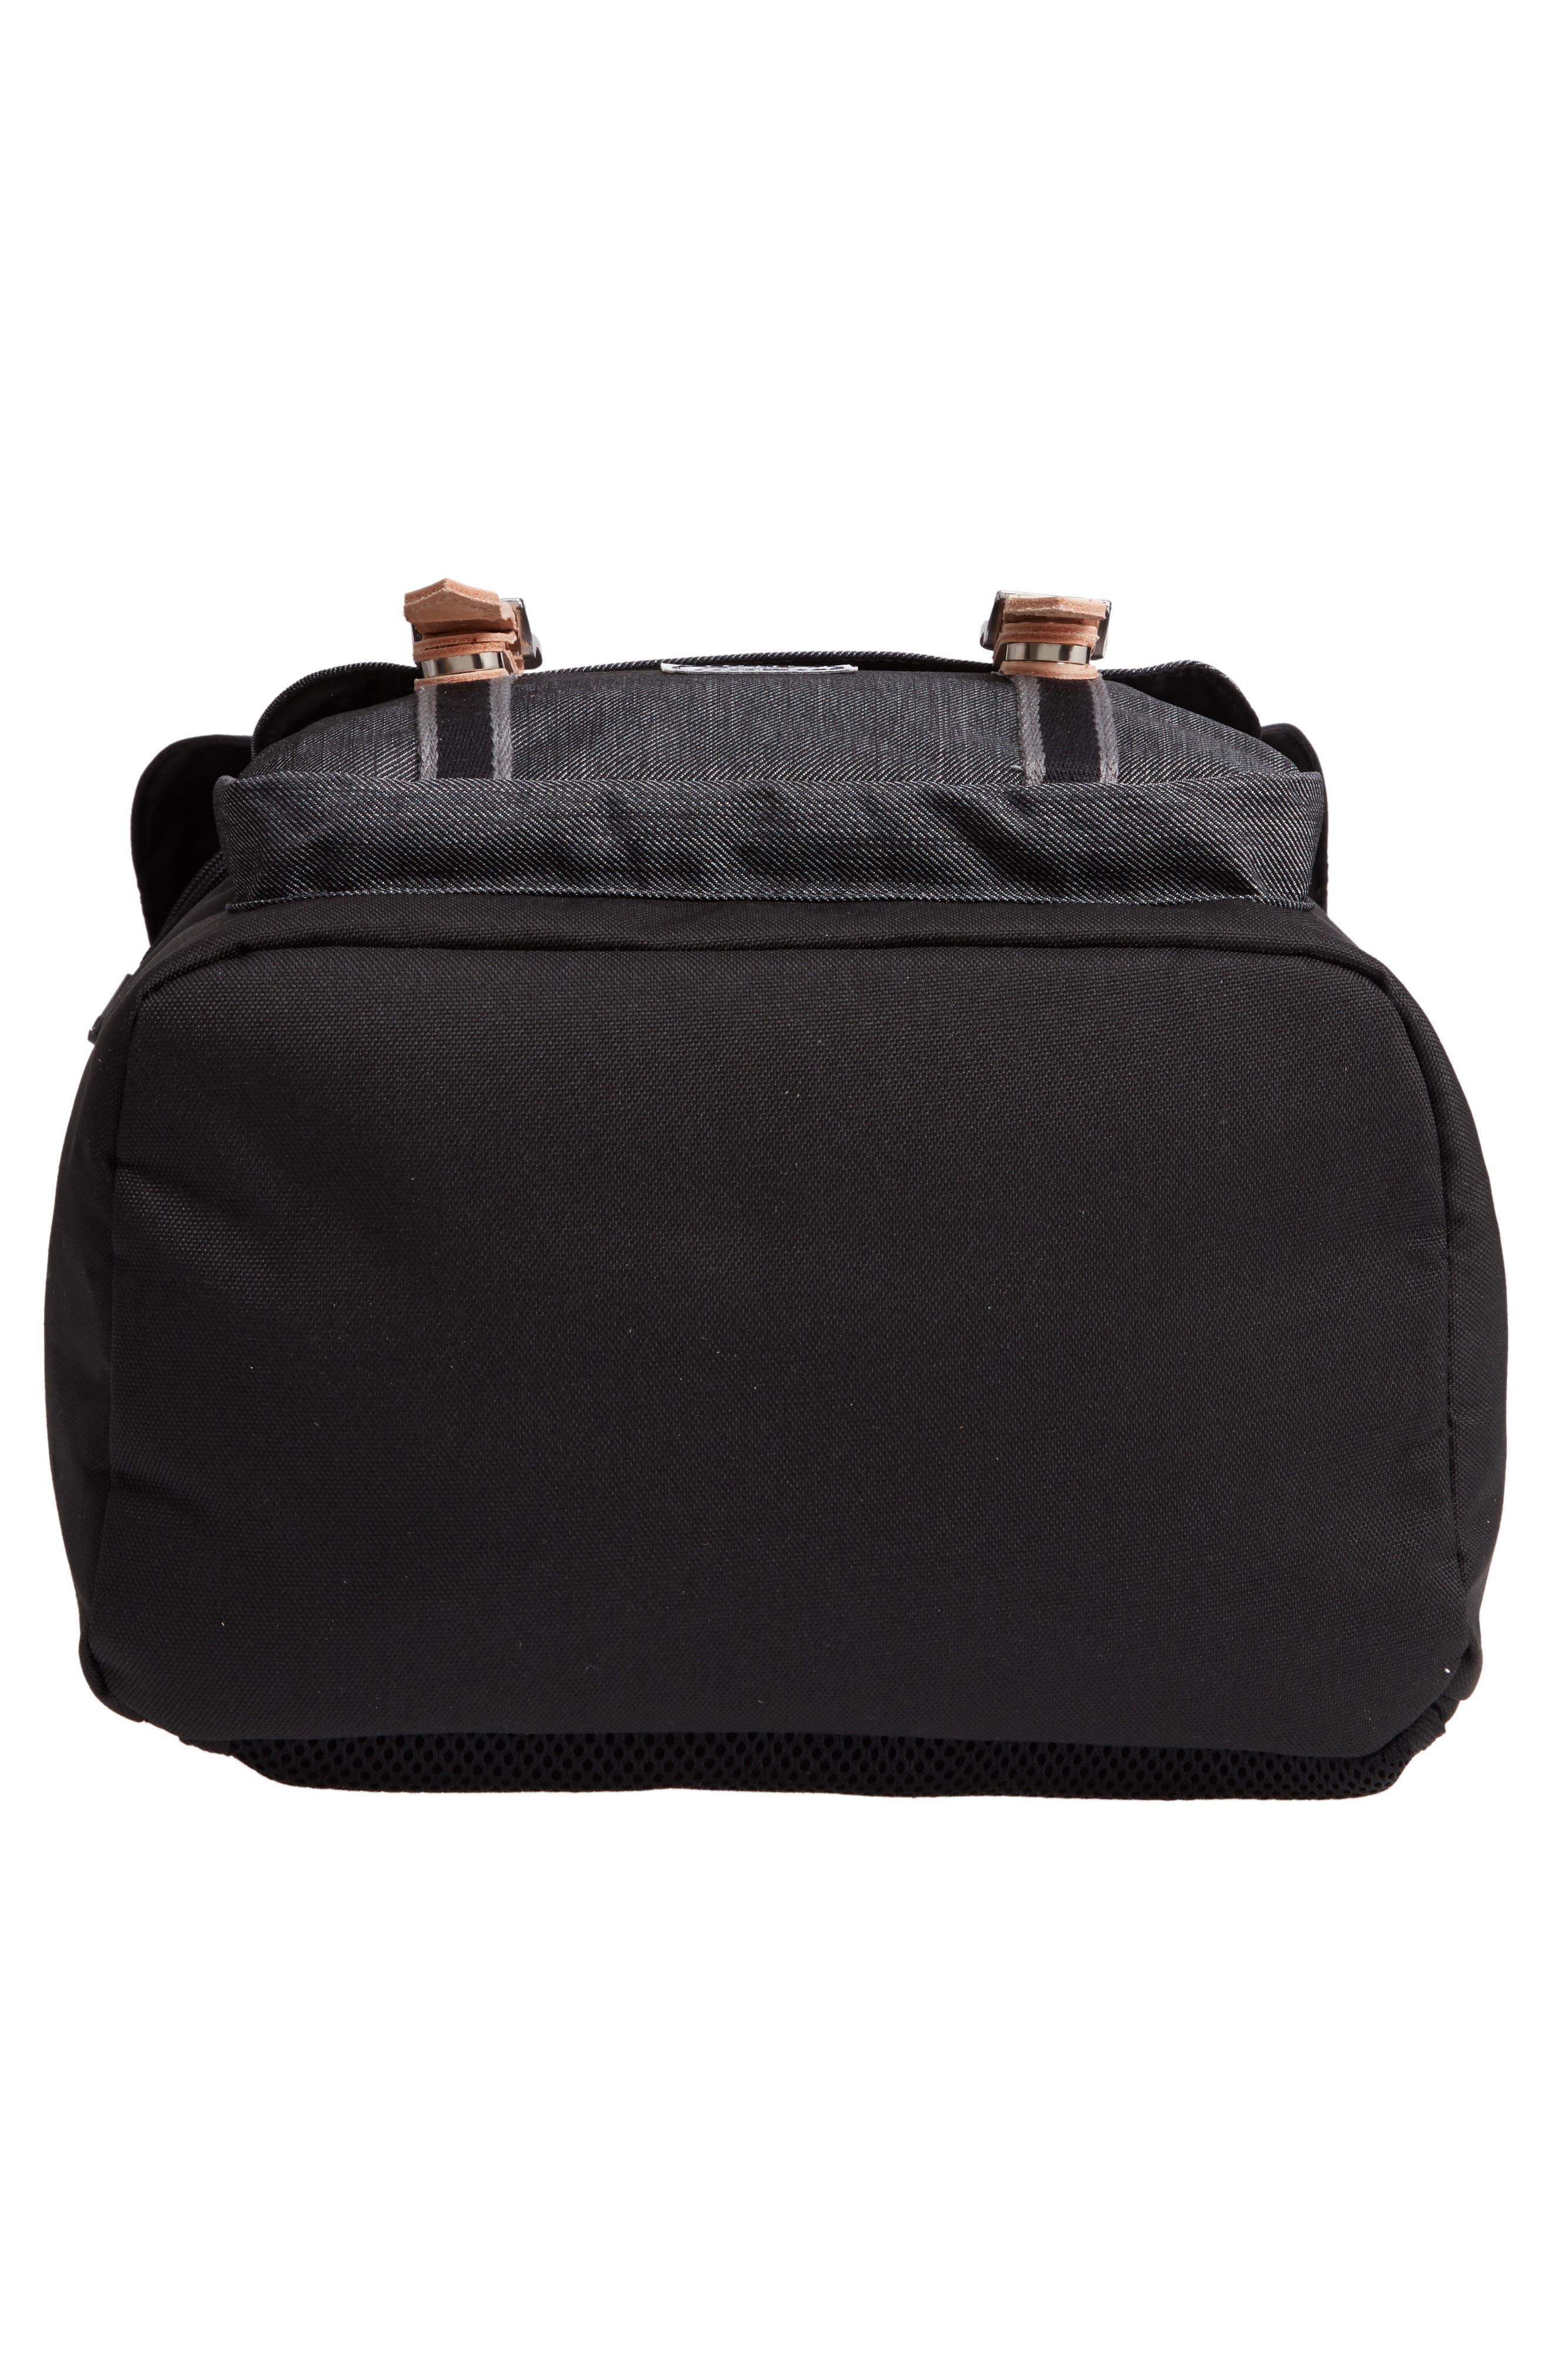 Little America Offset Backpack,                             Alternate thumbnail 6, color,                             BLACK/ BLACK DENIM